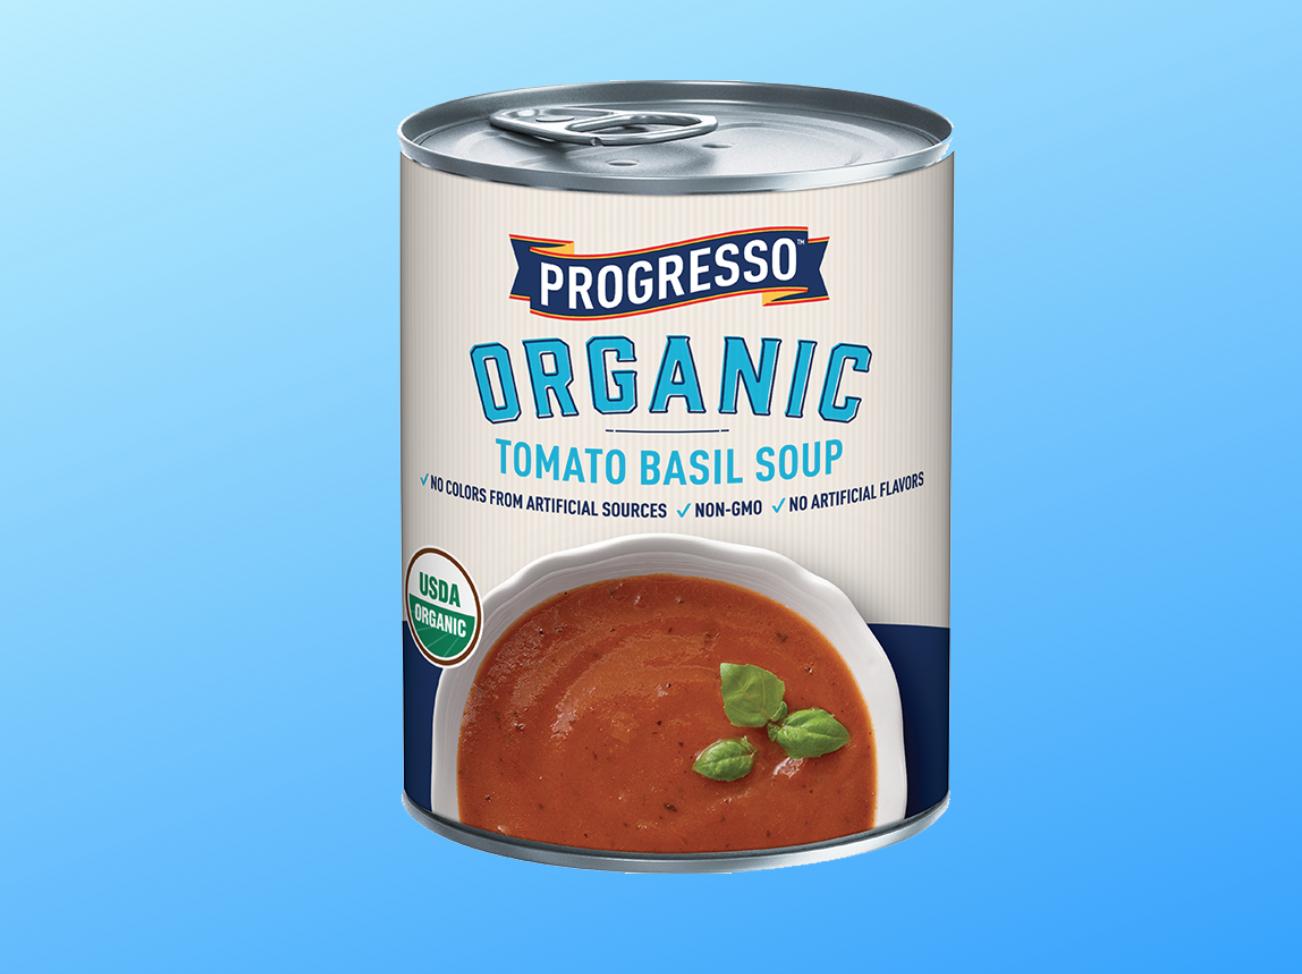 Progresso Organic Tomato Soup